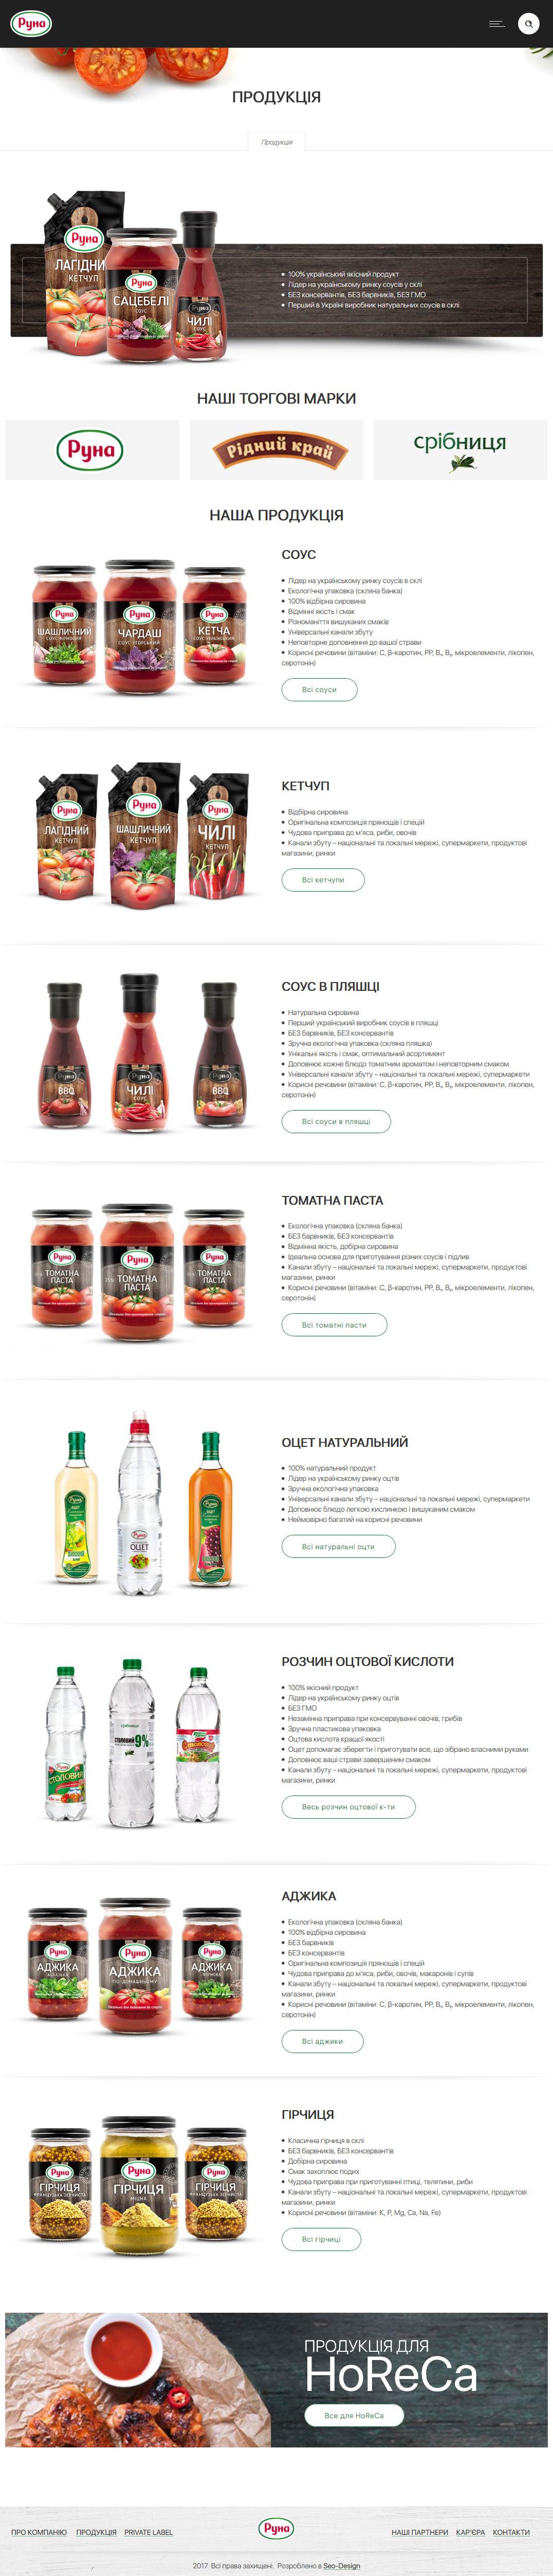 pl_produkciya-2